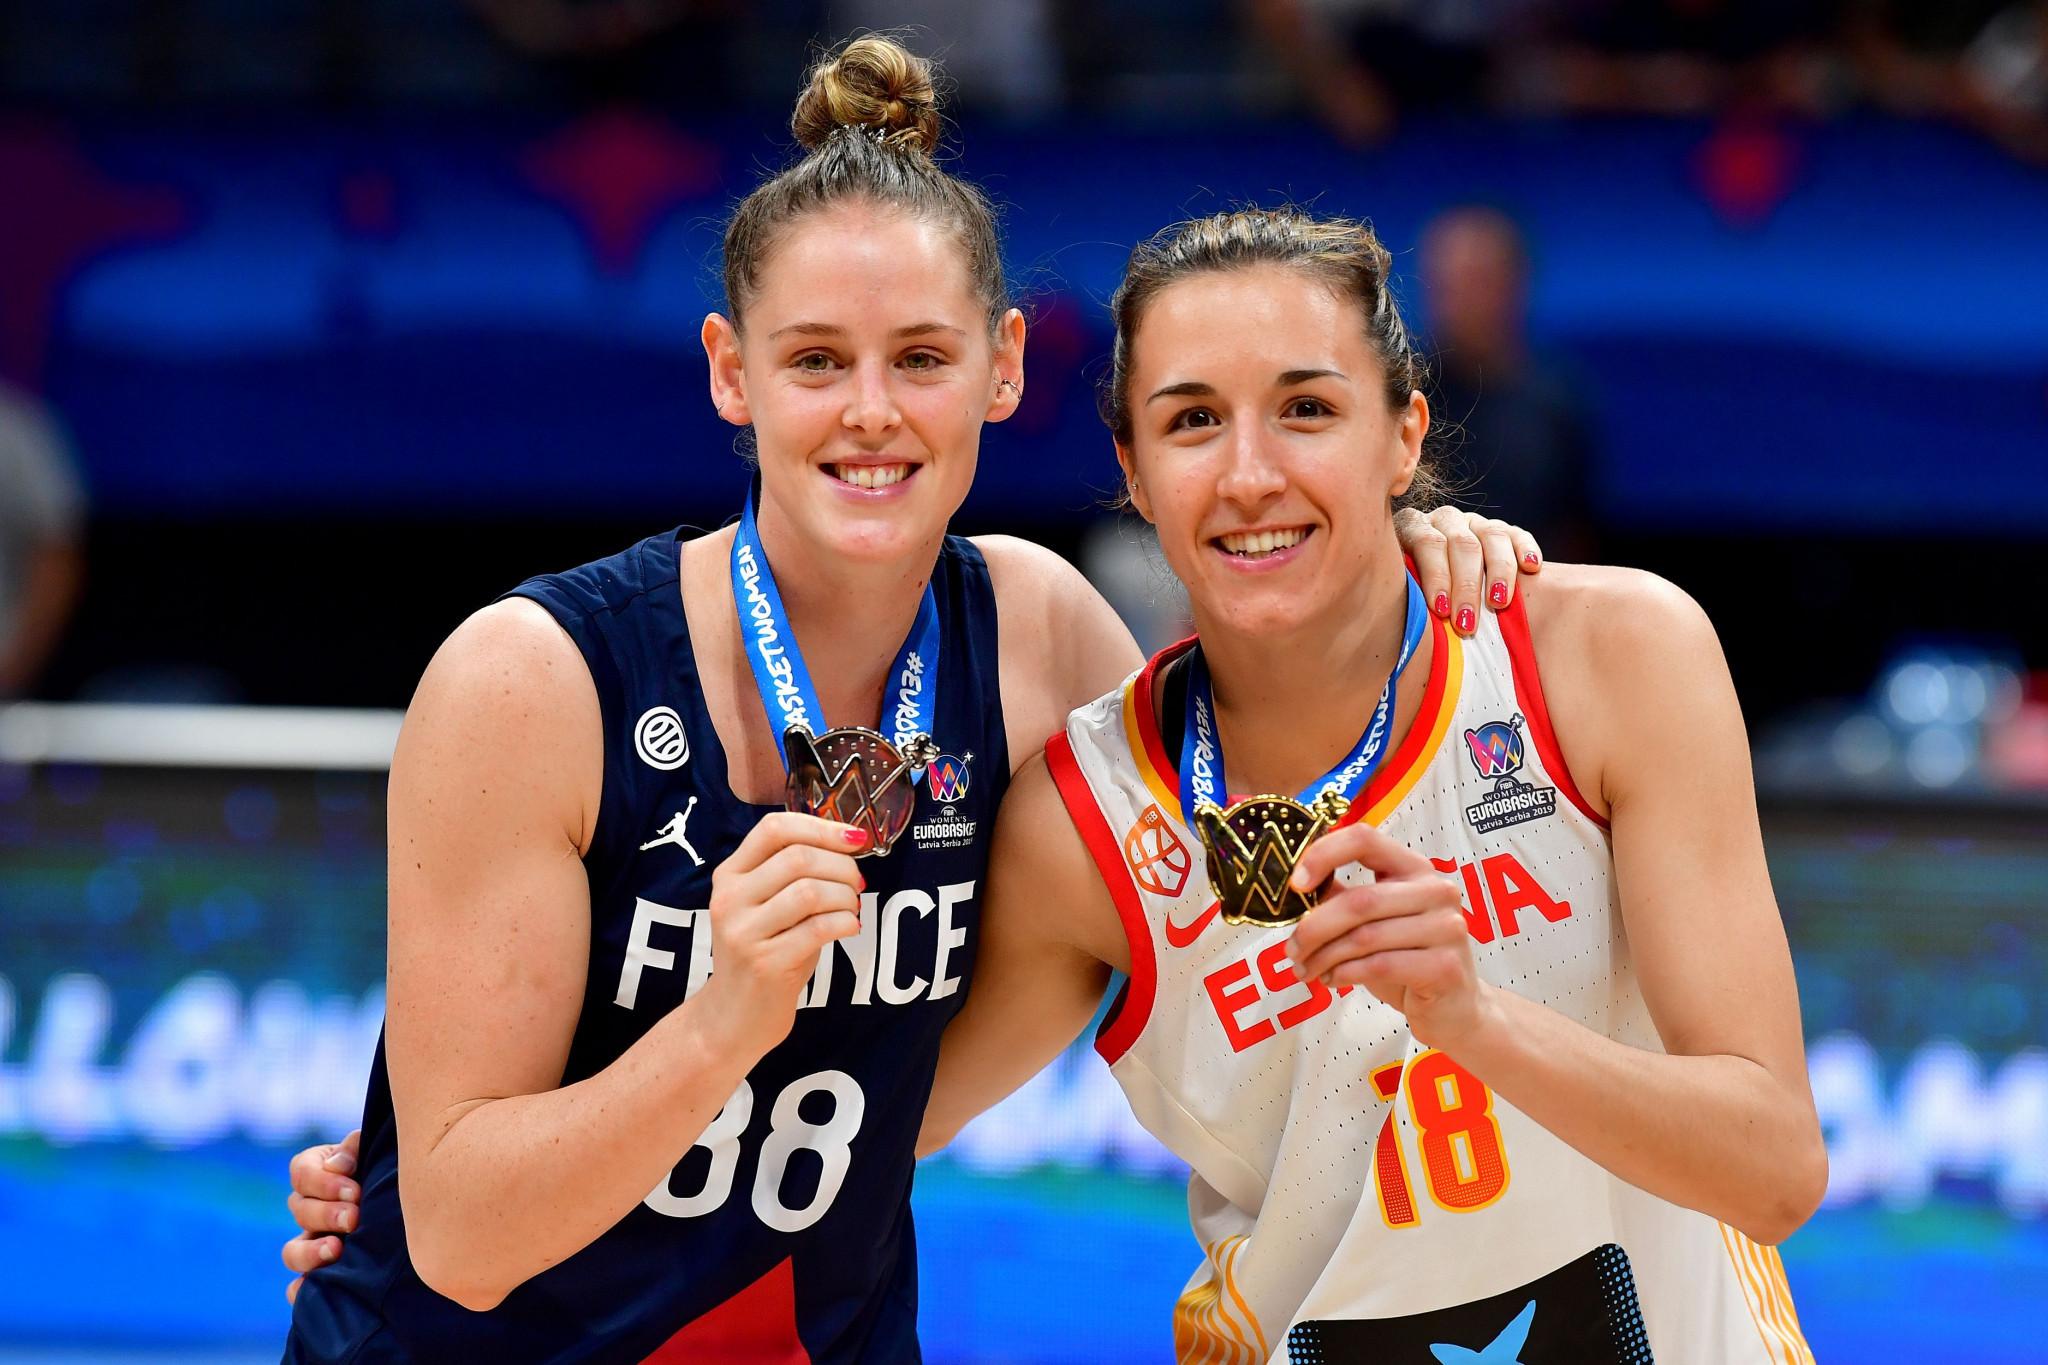 Strasbourg named as co-host of FIBA Women's EuroBasket 2021